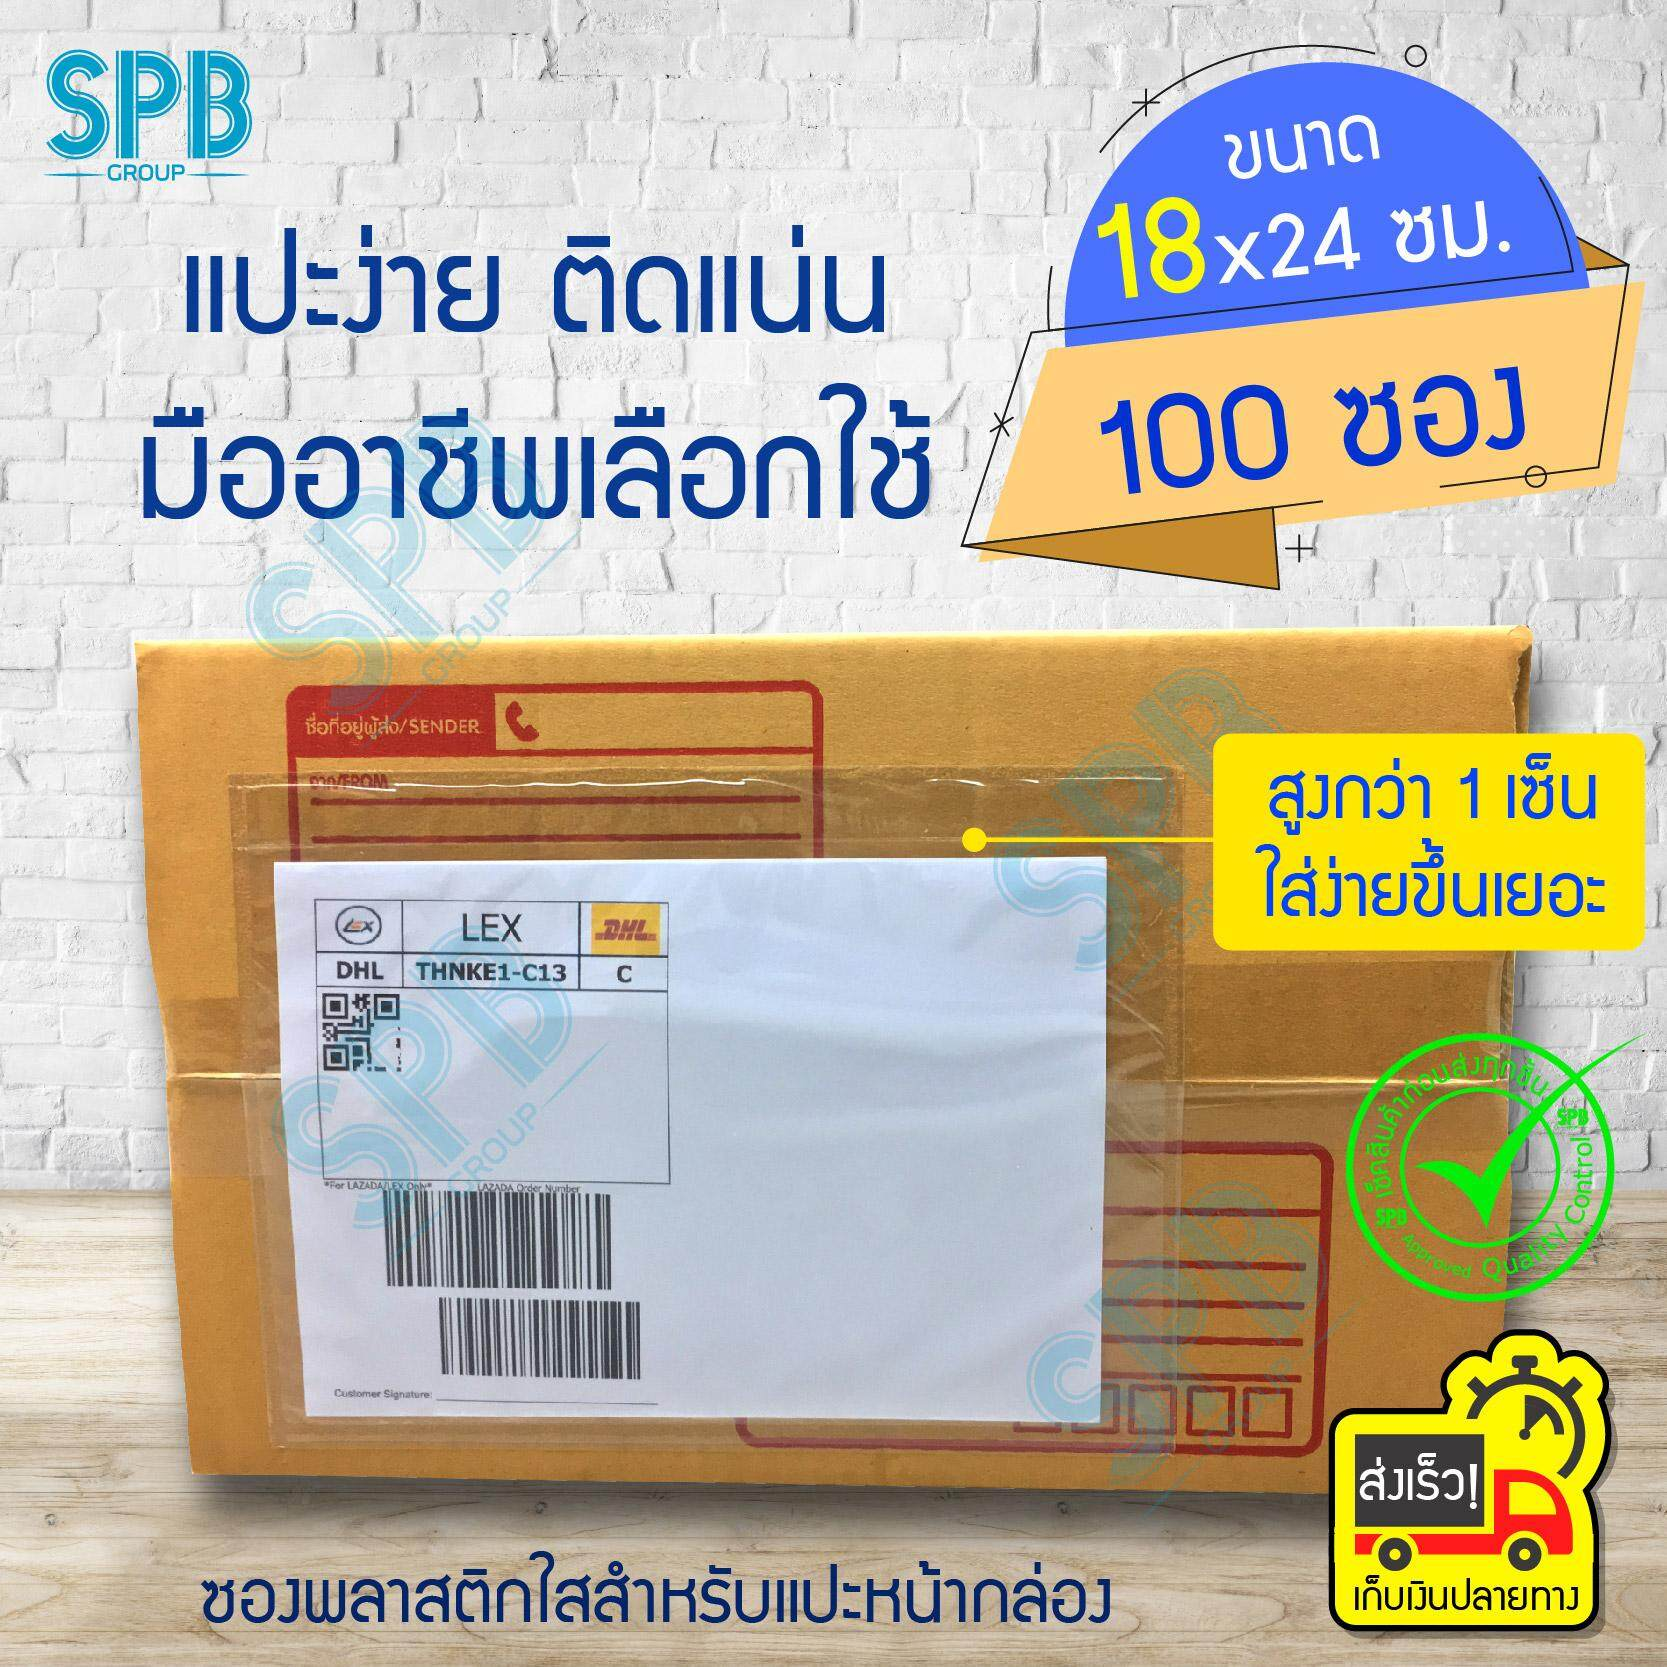 ขายดีมาก! SPB [100 ซอง] ซองพลาสติกใสหลังกาว ขนาด 18x24 ซม. A5 ซองใส แปะหน้ากล่อง ซองพลาสติกใส สำหรับใส่เอกสาร  เพ๊า เพ๊าท์ เพ้า ปะหน้ากล่องพัสดุ ธุรกิจออนไลน์ สติ๊กเกอร์แปะหน้ากล่อง ซองใส่กระดาษA4 ซอง